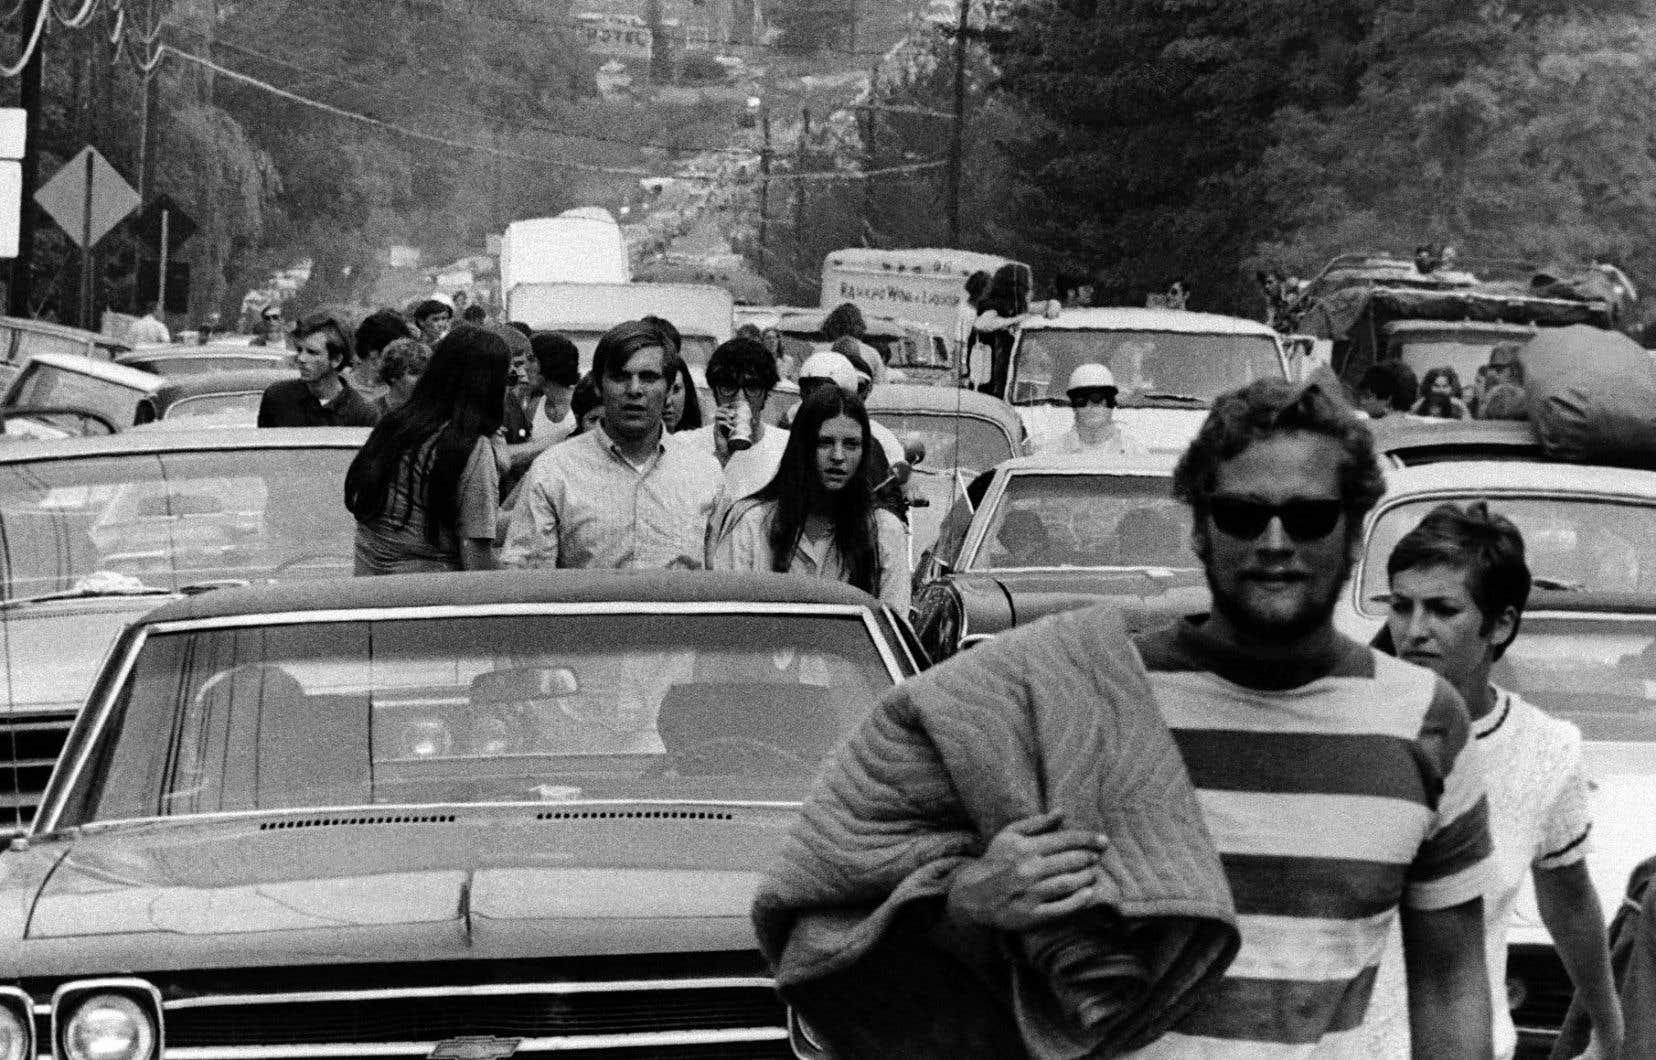 Une photo du 15 août 1969 montre des centaines de personnes abandonnant leur véhicule à proximité de Bethel pour se joindre à la fête.